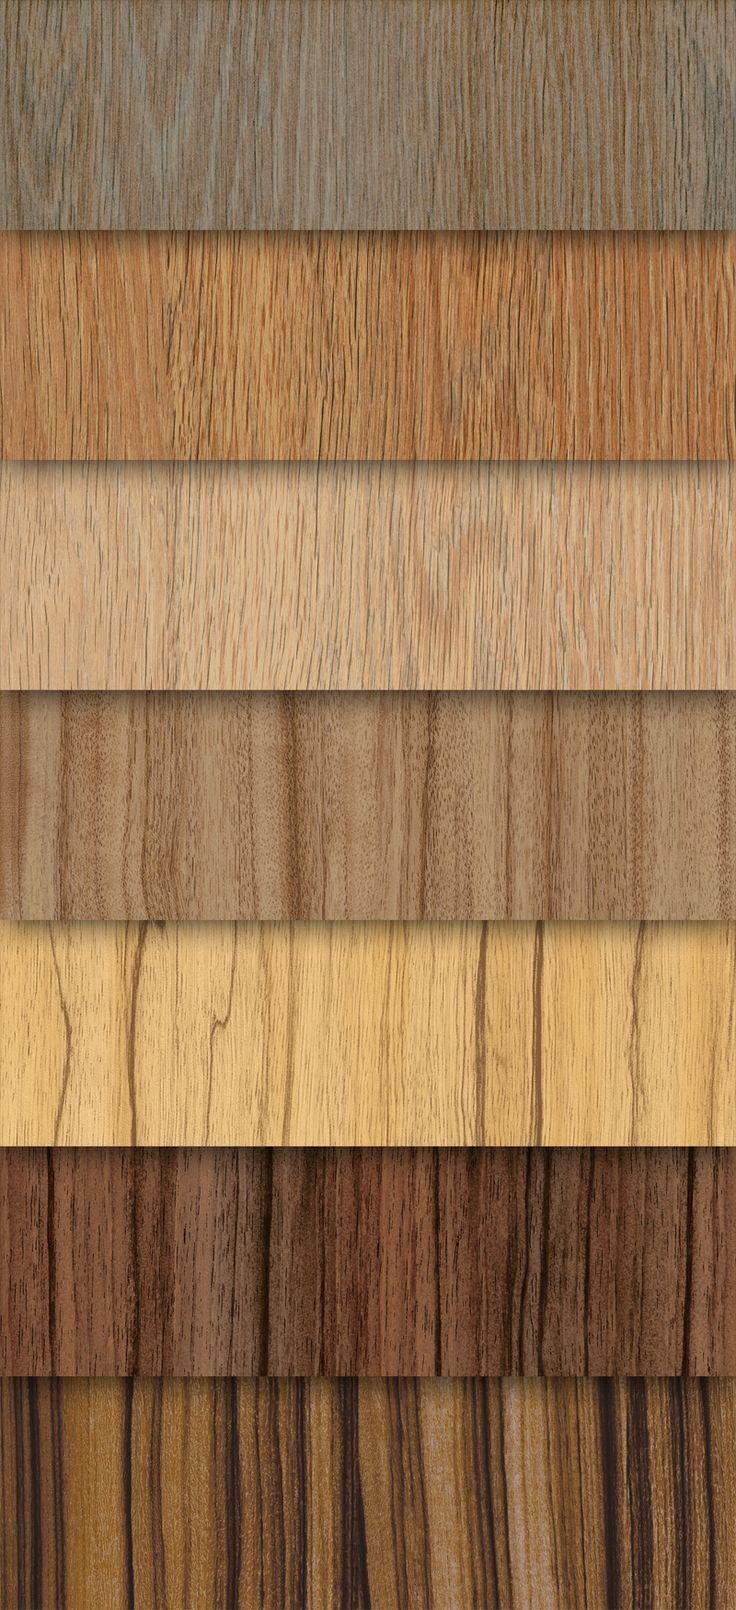 PSD Mockup Wood Flooring Grain Engineered Wood